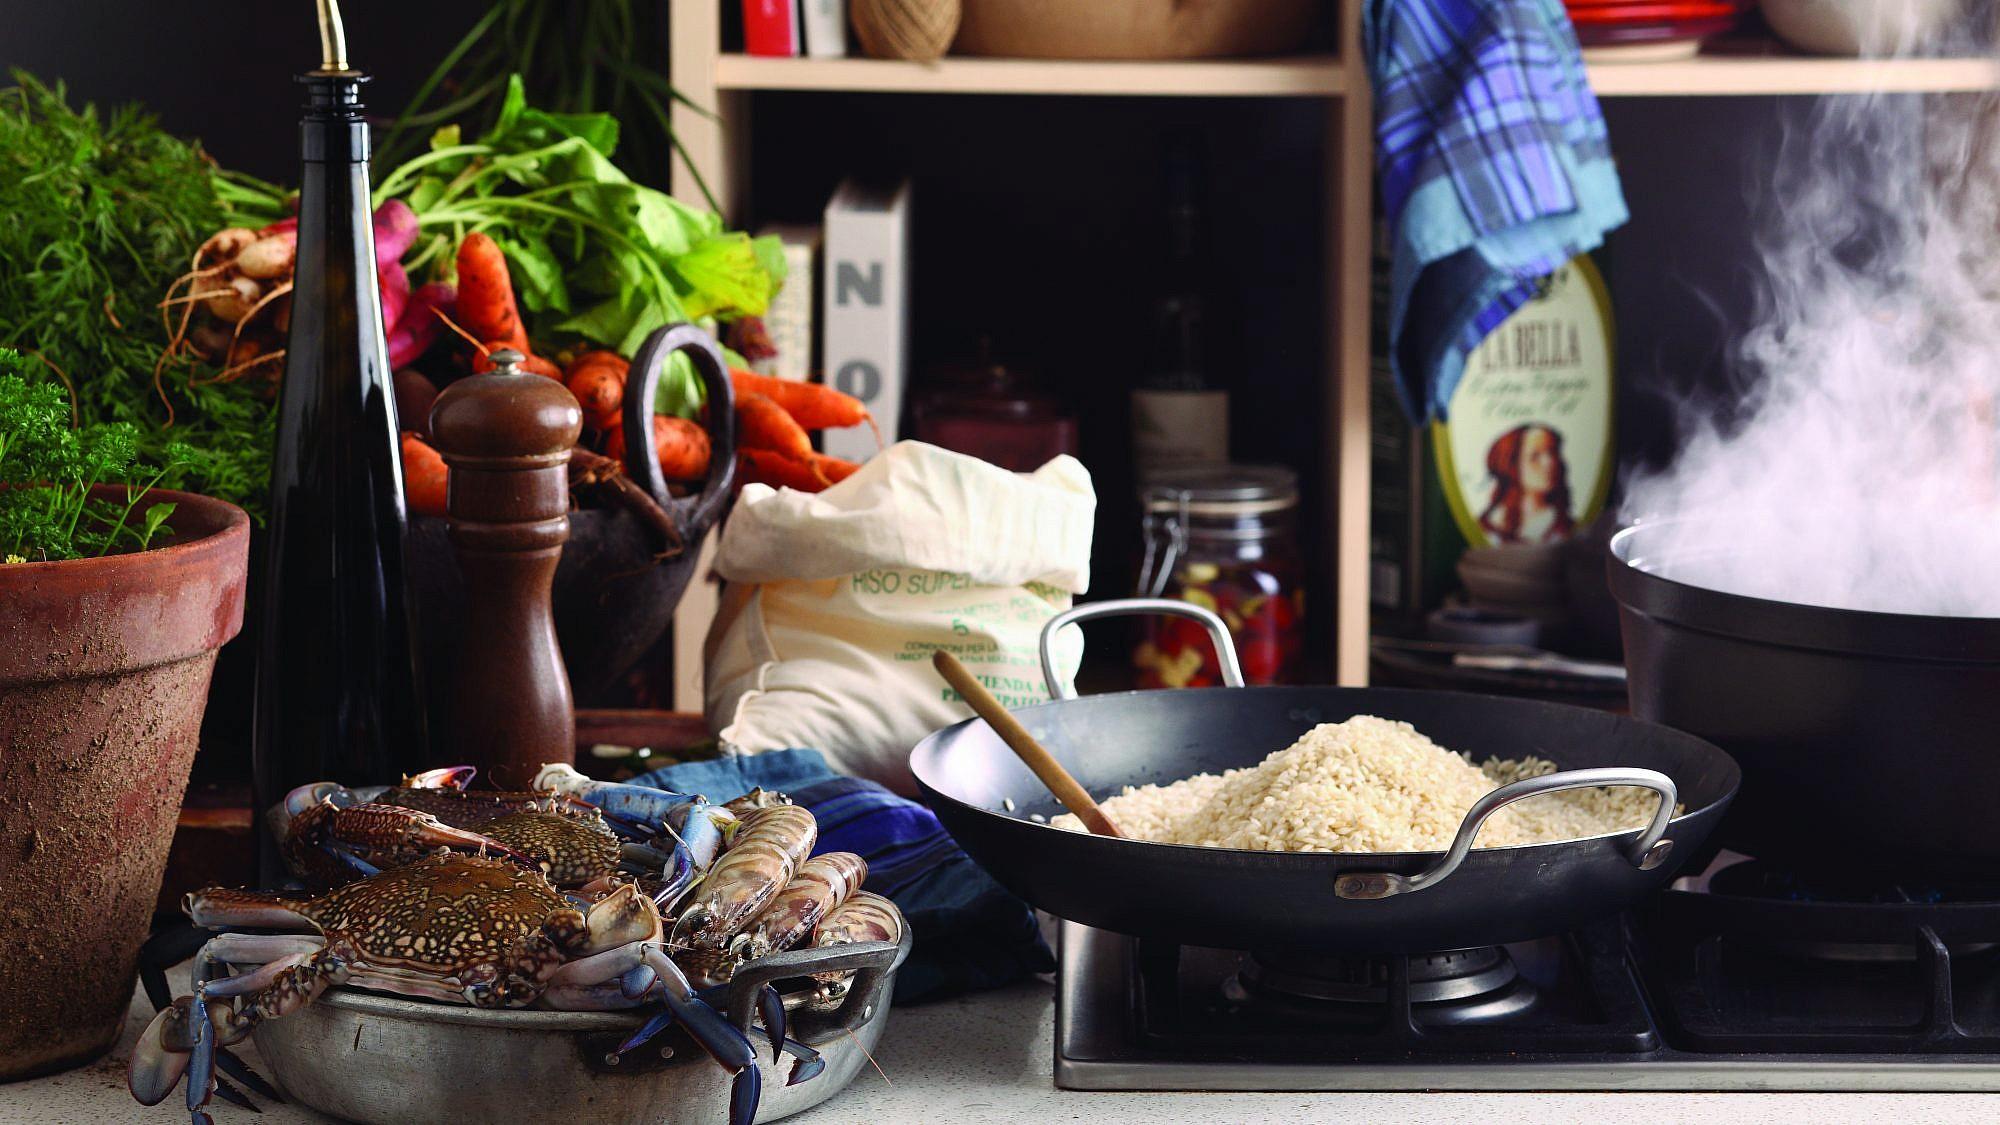 איך מכינים פאייה? צילום: דן פרץ. סטיילינג: עמית פרבר